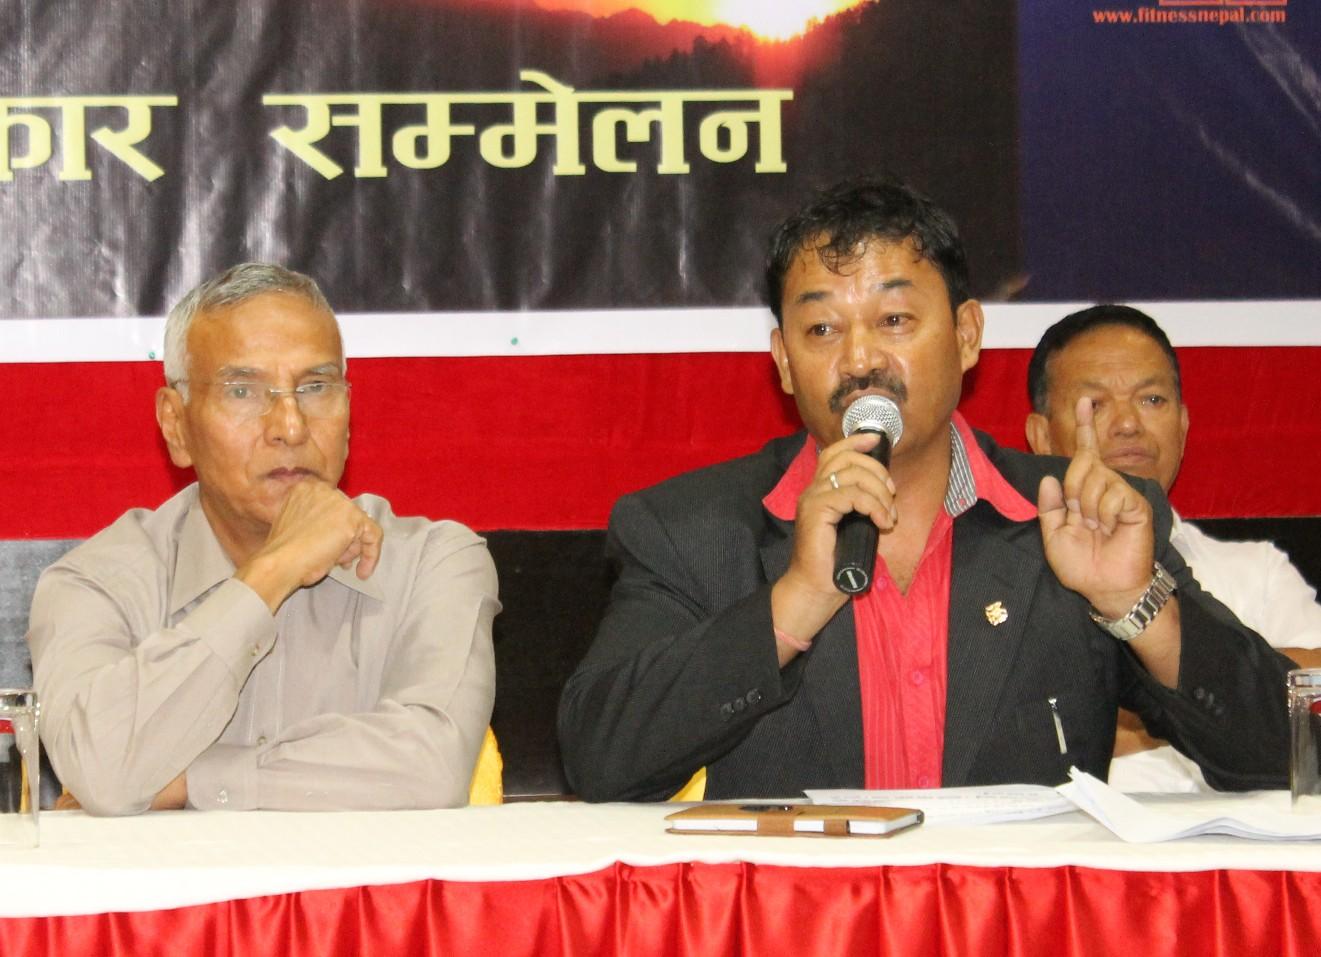 पत्रकार सम्मेलनमा धर्म श्री खुला शारीरिक सुगठनका बारेमा जानकारी दिदै नेपाल व्ययाम मन्दिरका अध्यक्ष नारायण प्रधान (दायाँं) ।